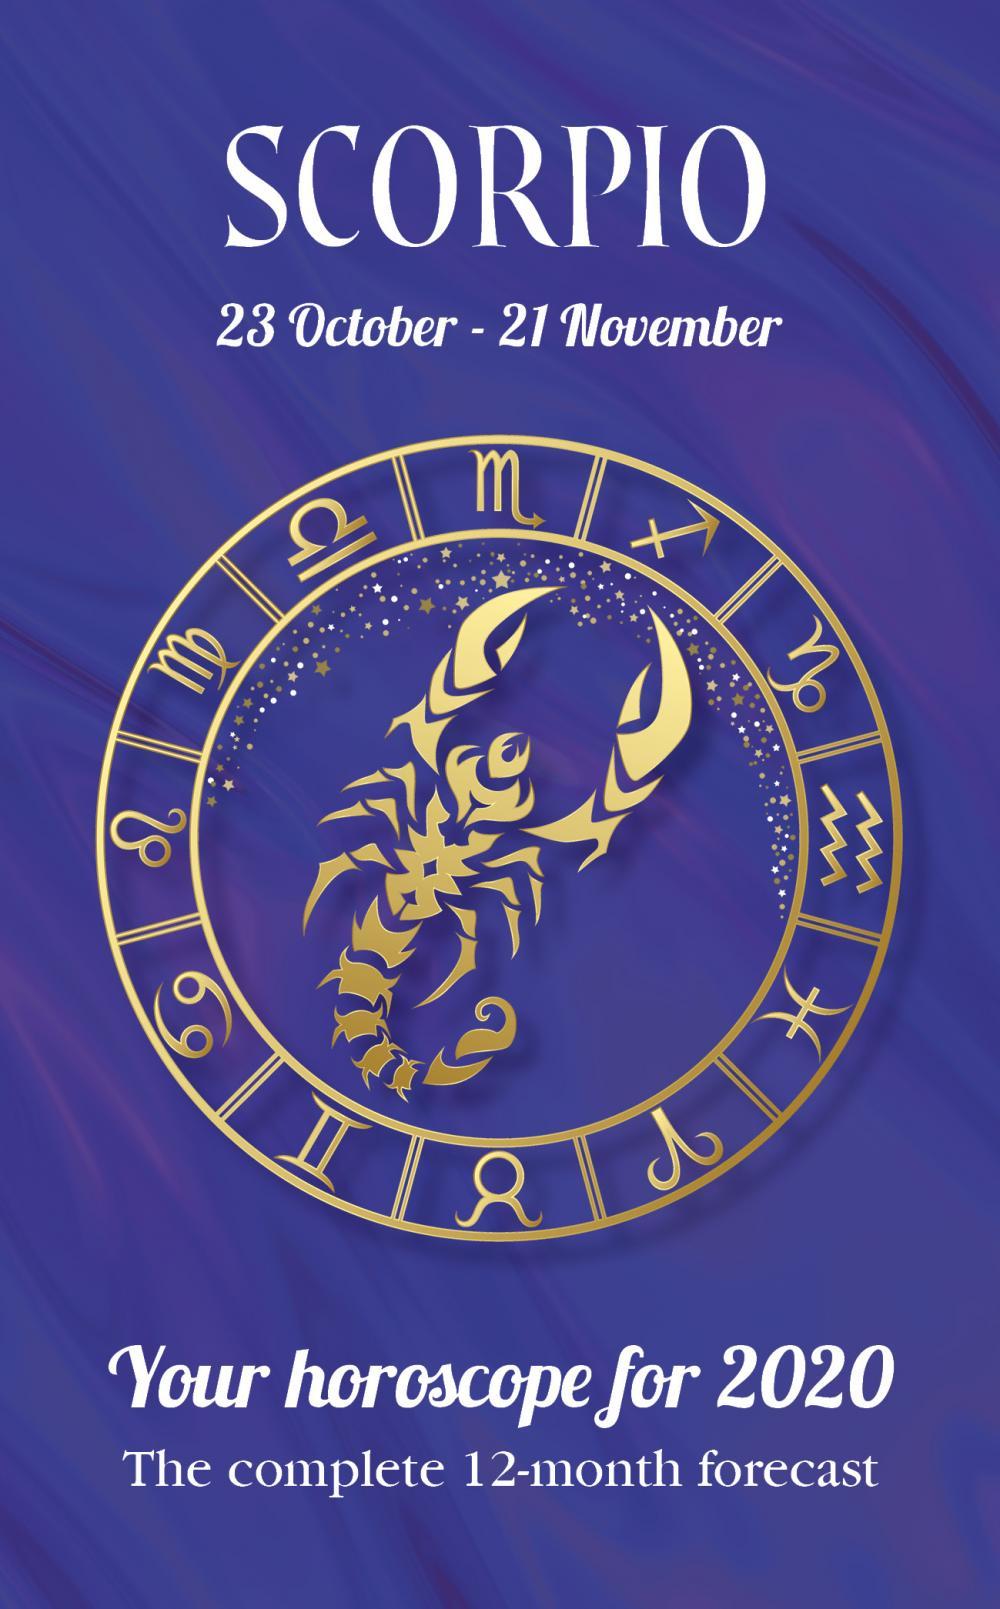 Your Horoscope for 2020: Scorpio